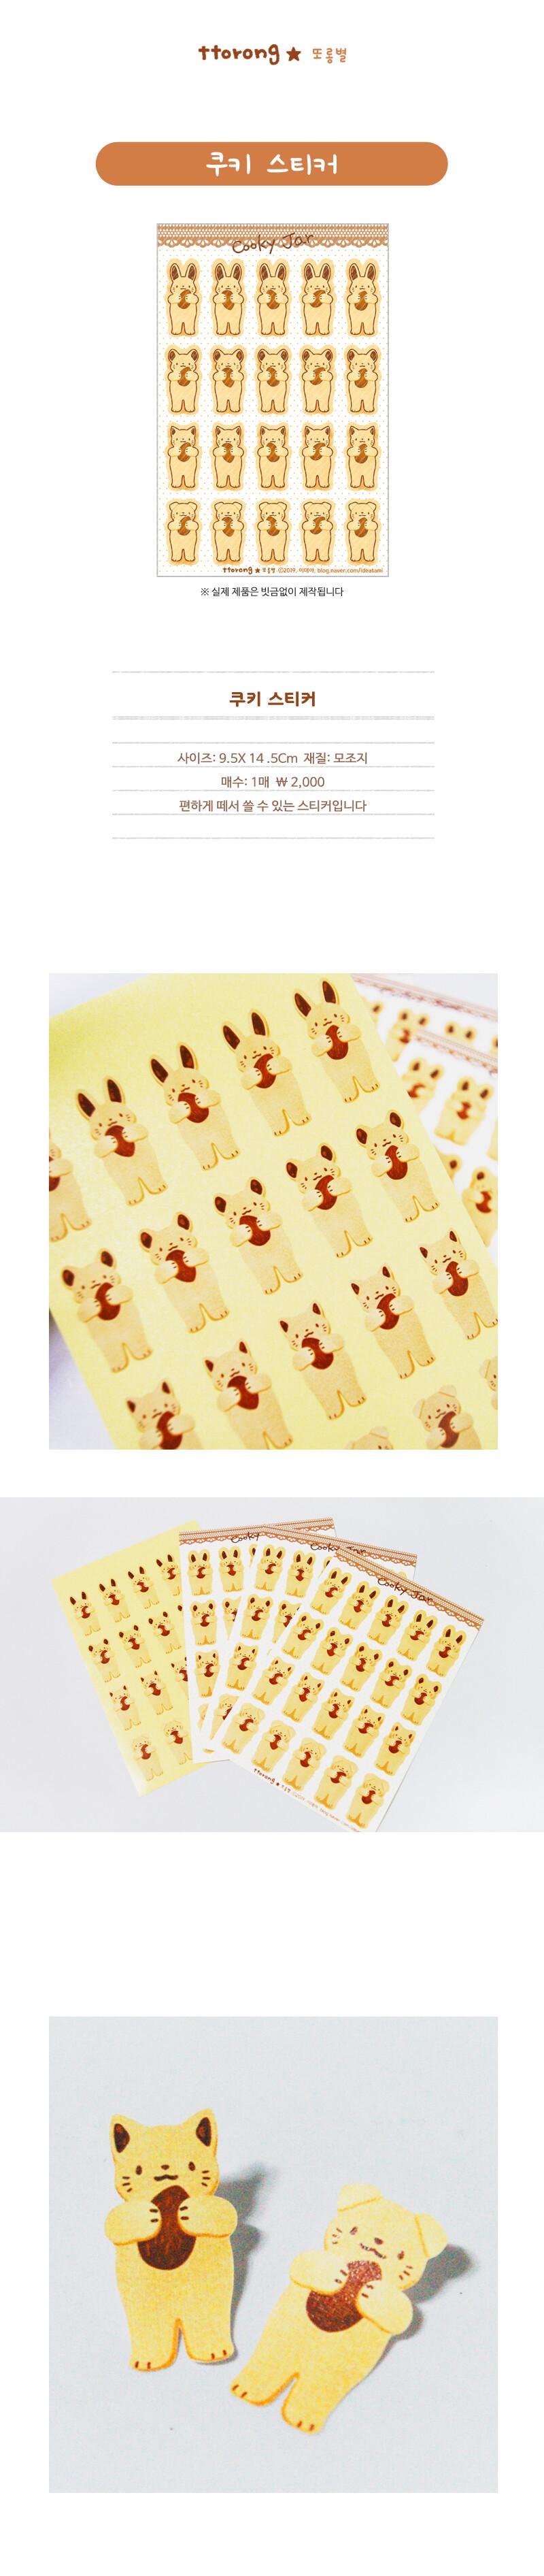 sticker580